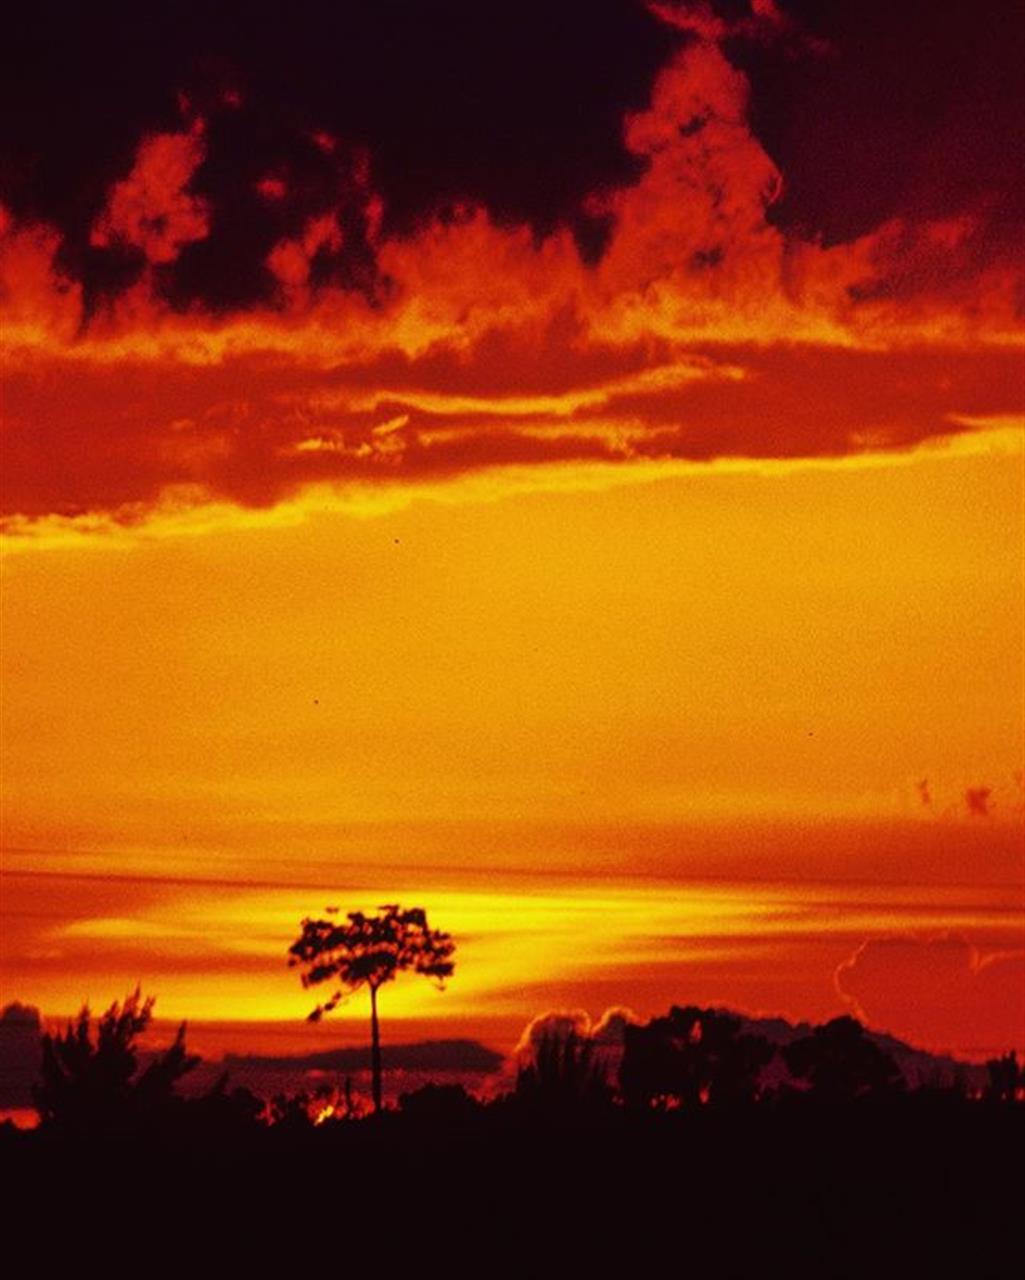 Cape Coral Sunset #vip_capecoral #leadingrelocal